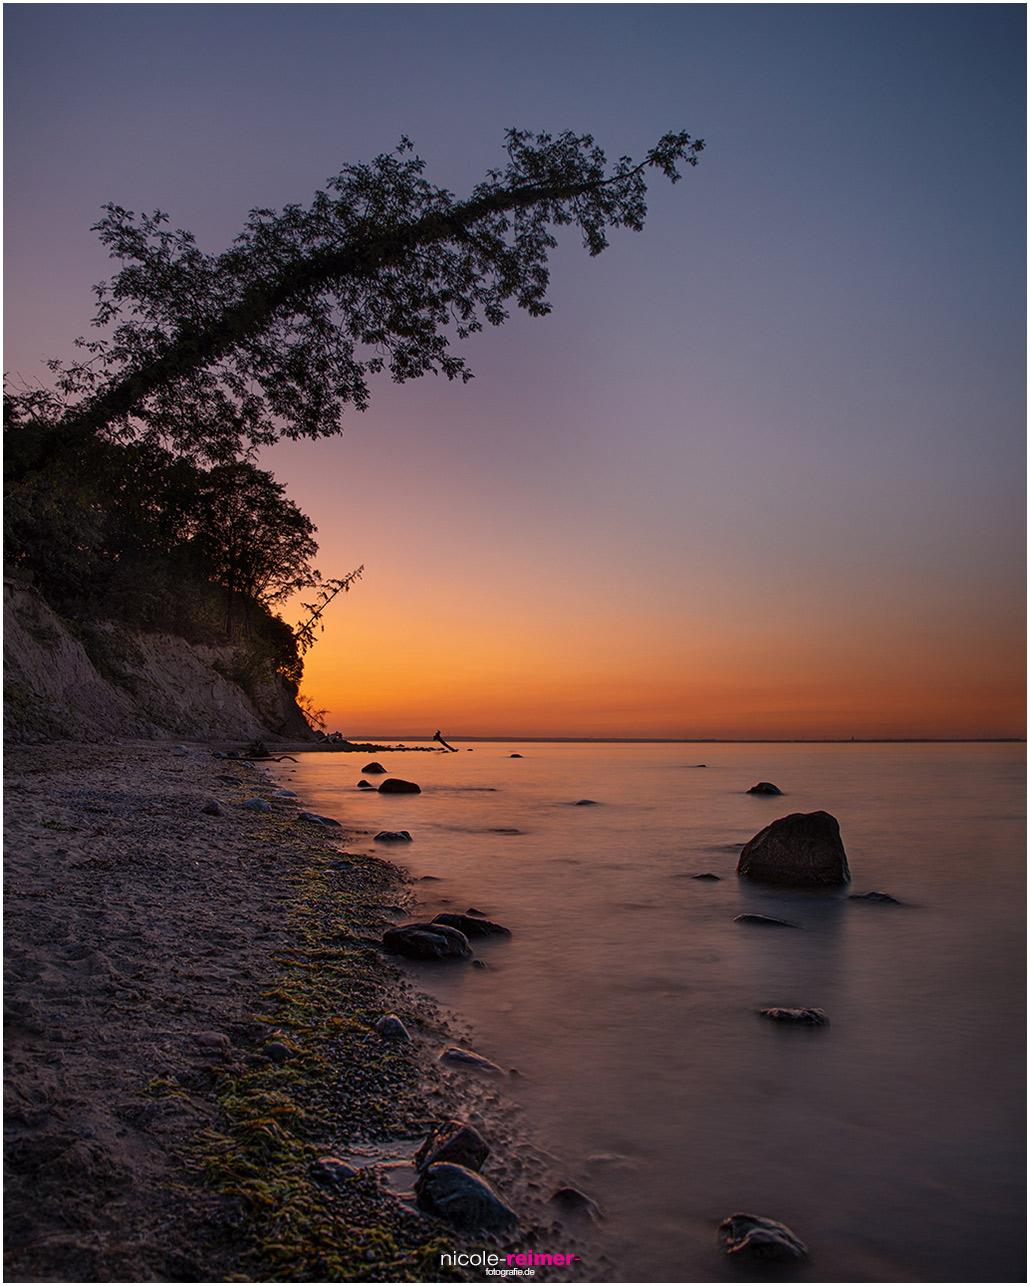 Sonnenuntergang in der Lübecker Bucht, Brodtener Steilufer zwischen Travemünde und Niendorf, Schleswig Holstein, Nicole Reimer Fotografie